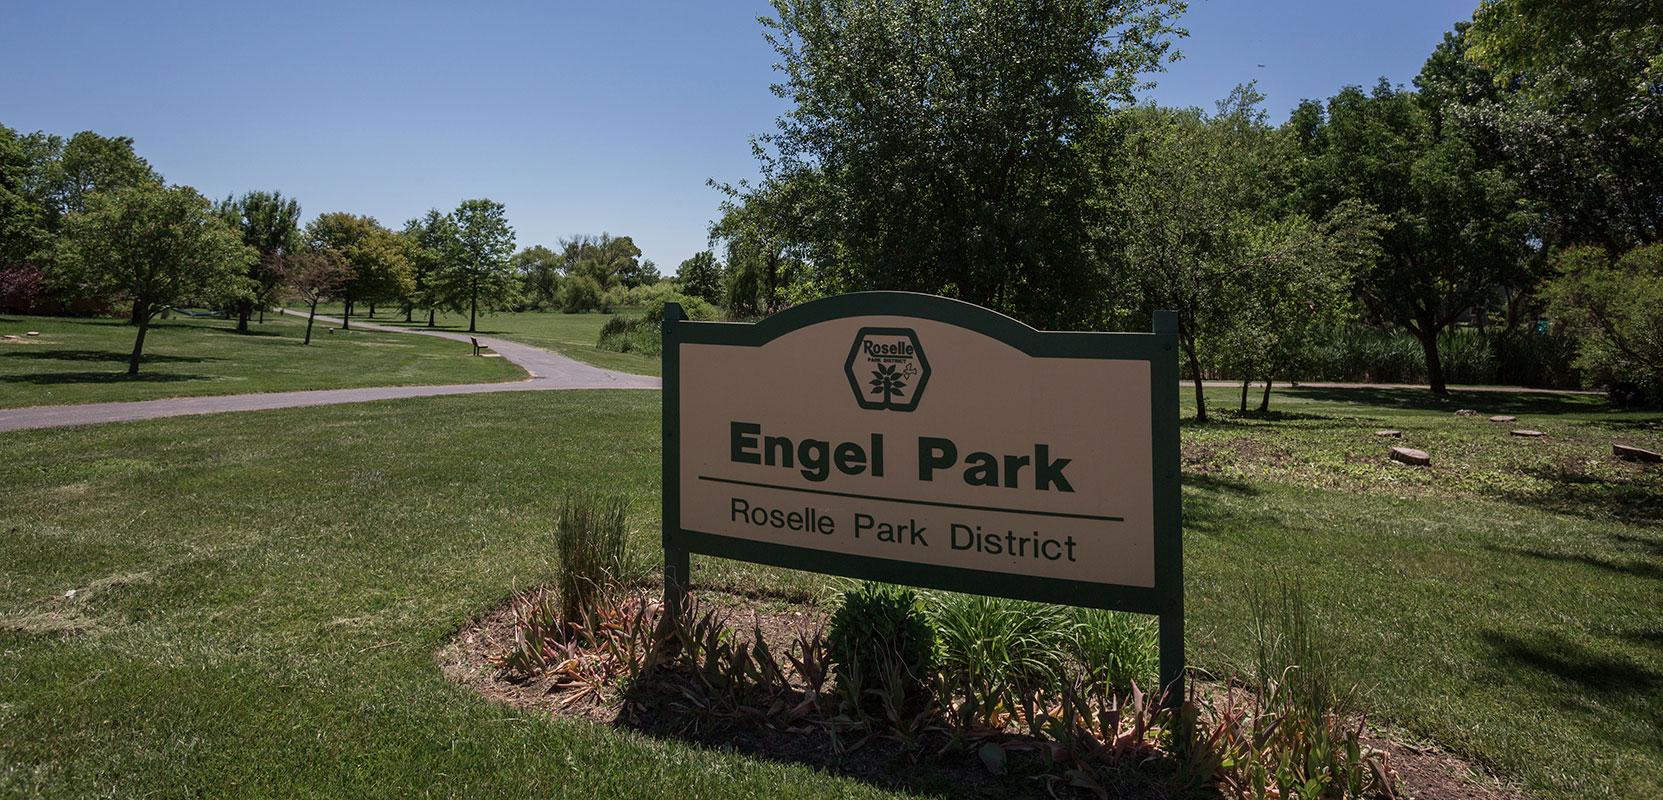 Engel Park